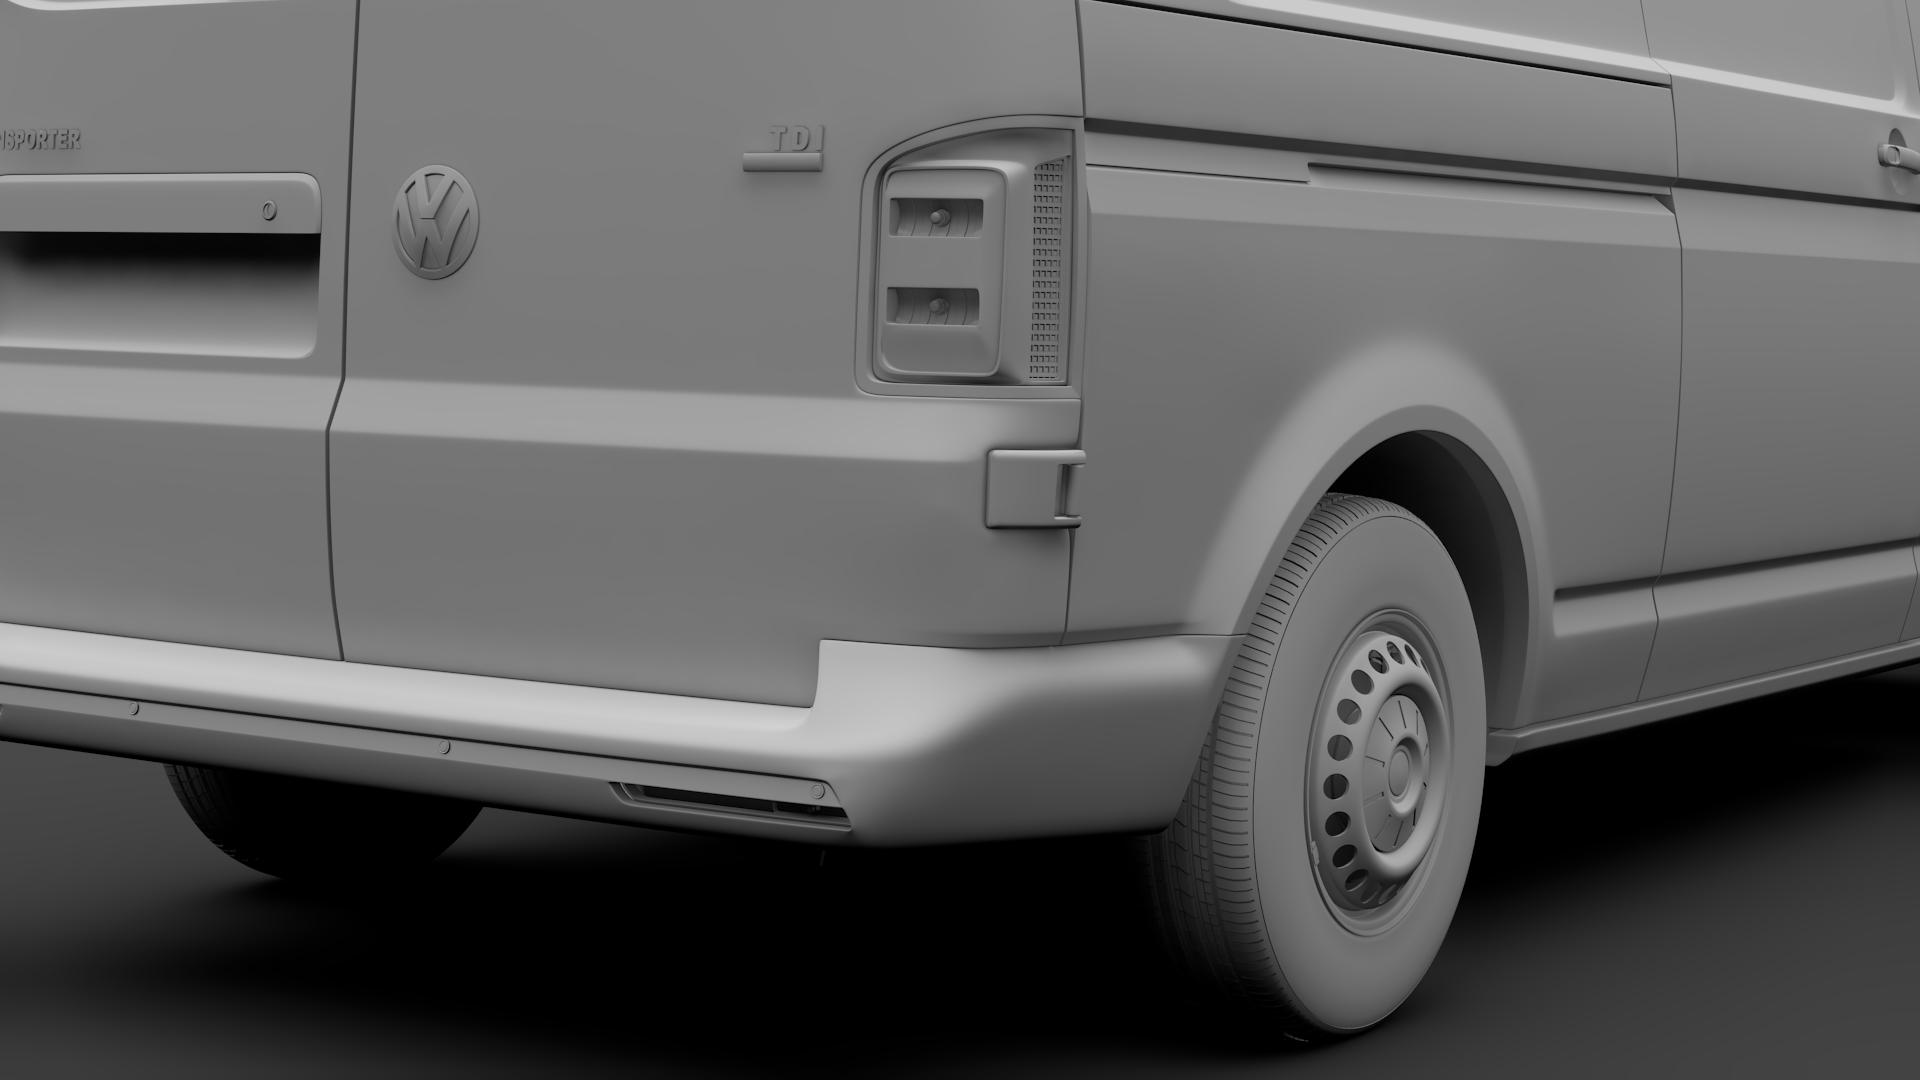 volkswagen nəqliyyat vasitəsi van l2h1 t6 2017 3d model max fbx c4d lwo ma mb hrc xsi obj 275241